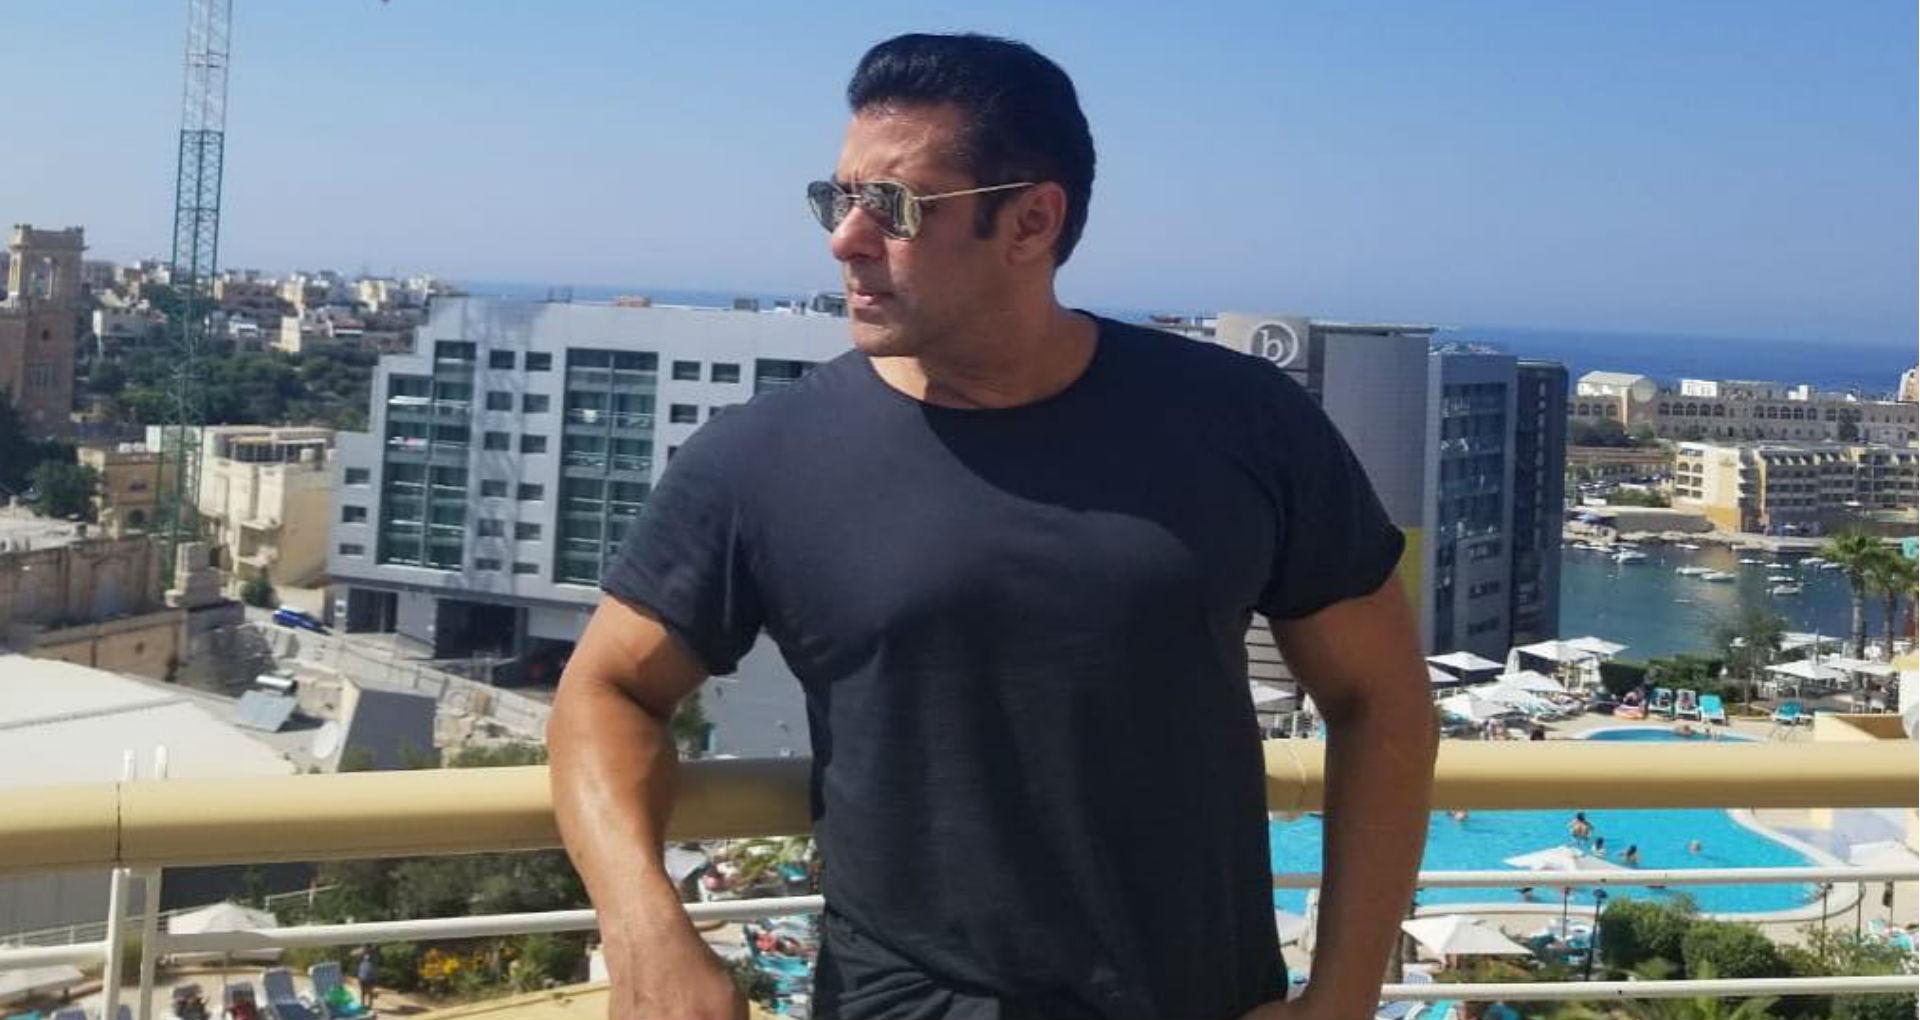 सलमान खान ने बताया आने वाले समय में कौन है सुपर स्टारडम का हकदार? नाम सुनकर चौंक जाएंगे